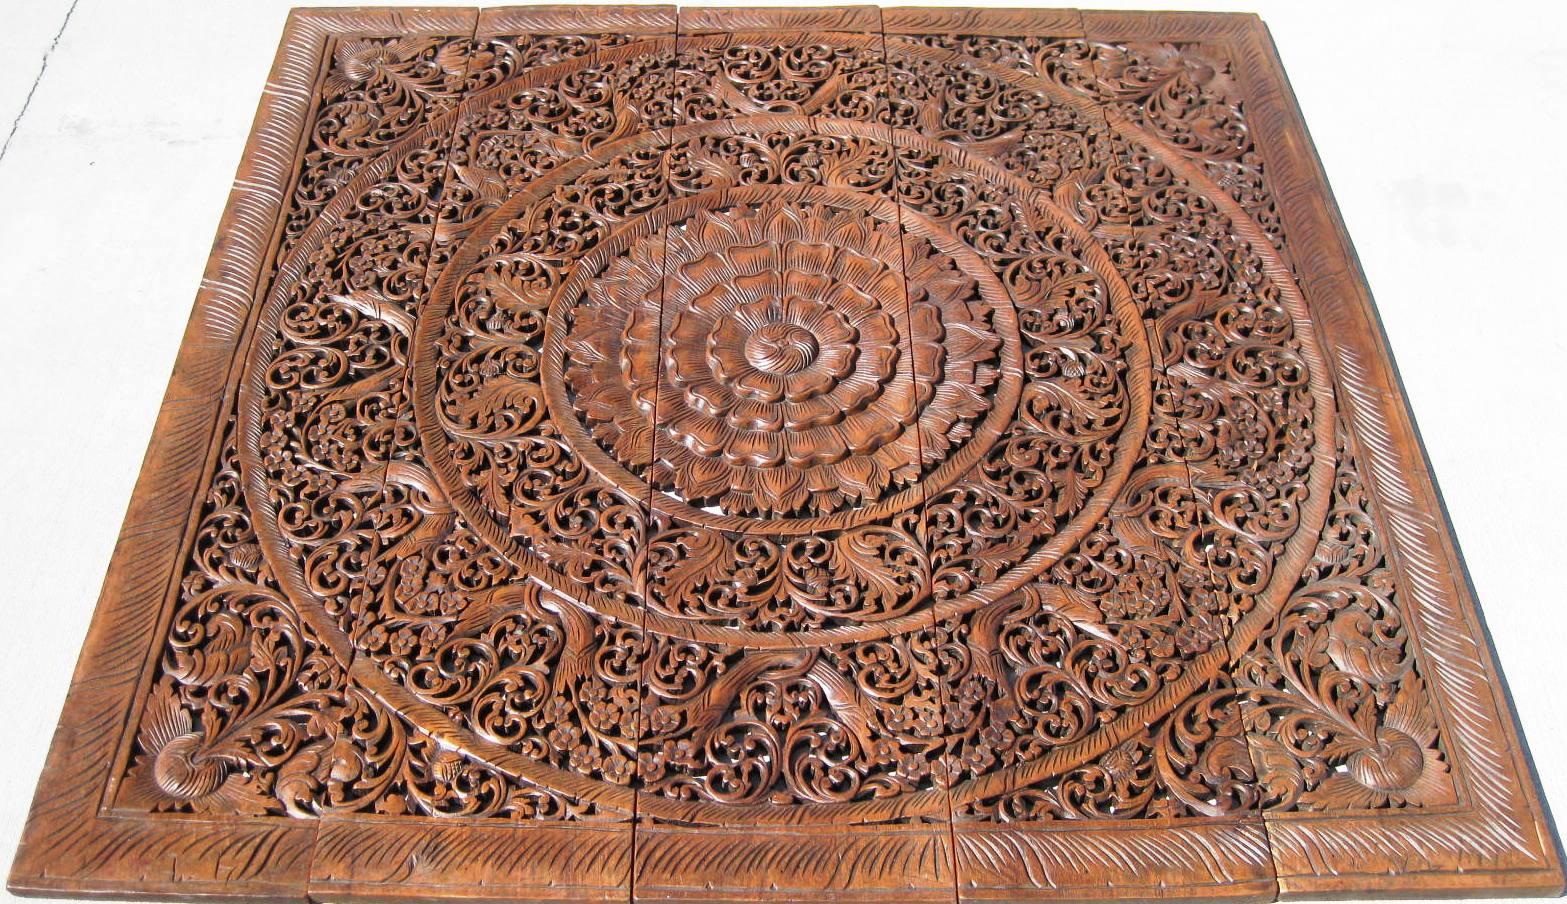 Ft teak wood panel